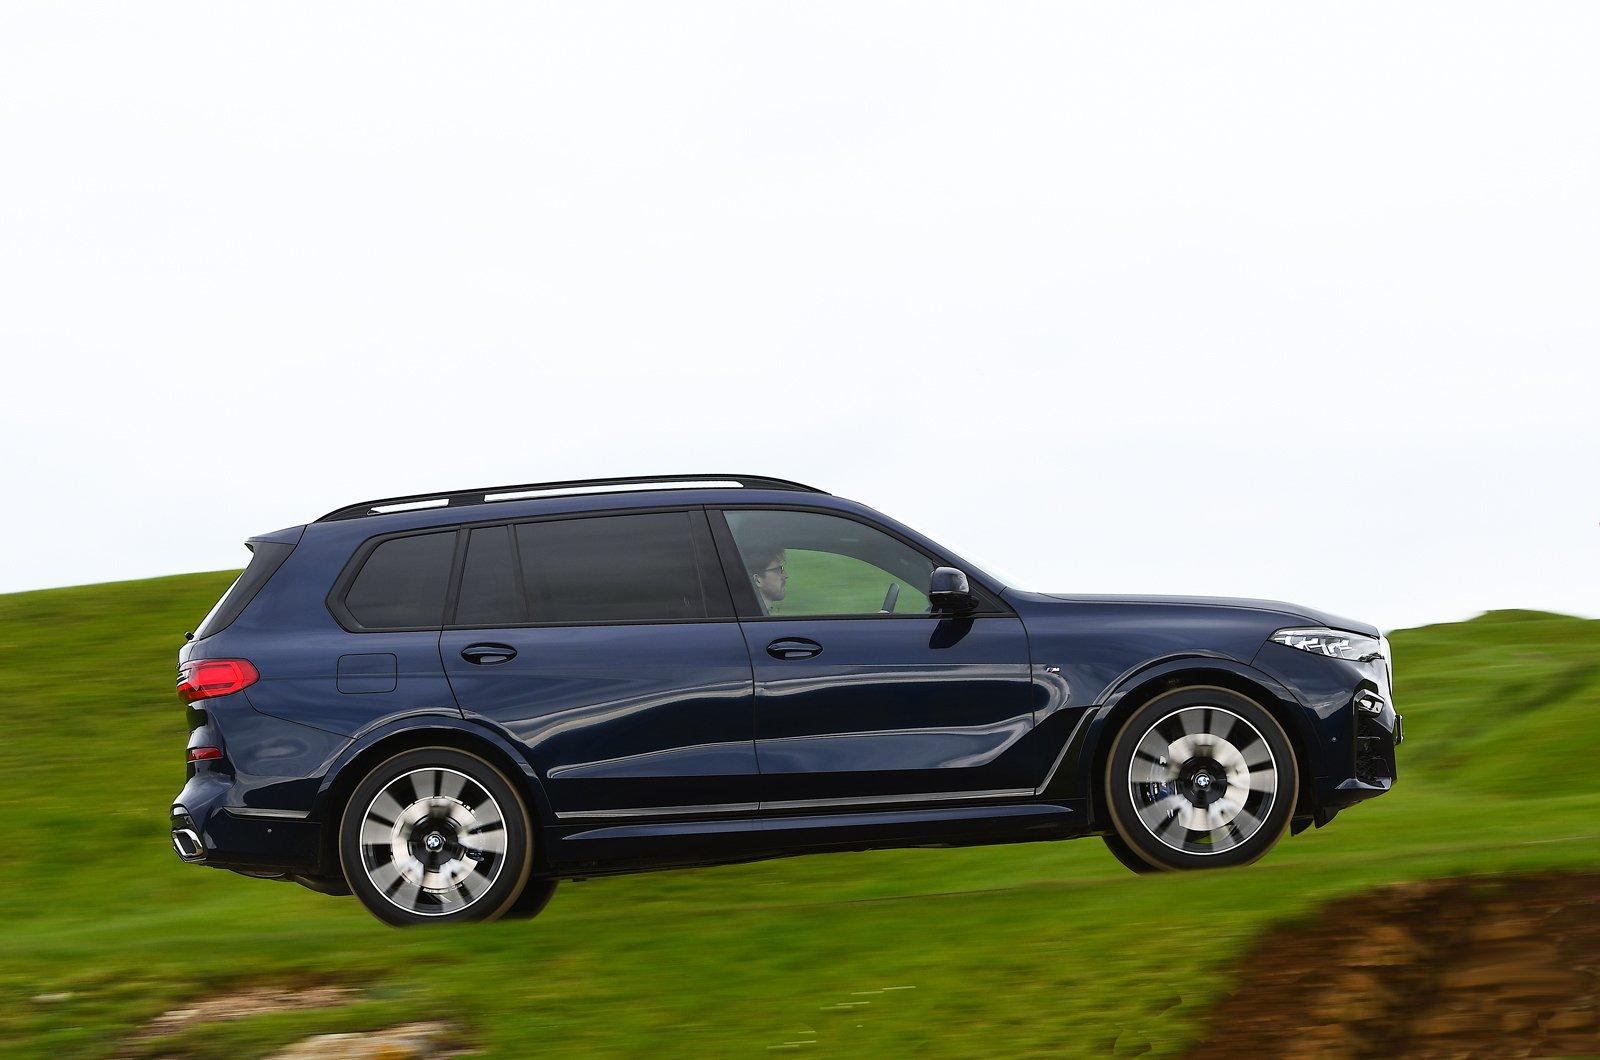 BMW X7 2021 side